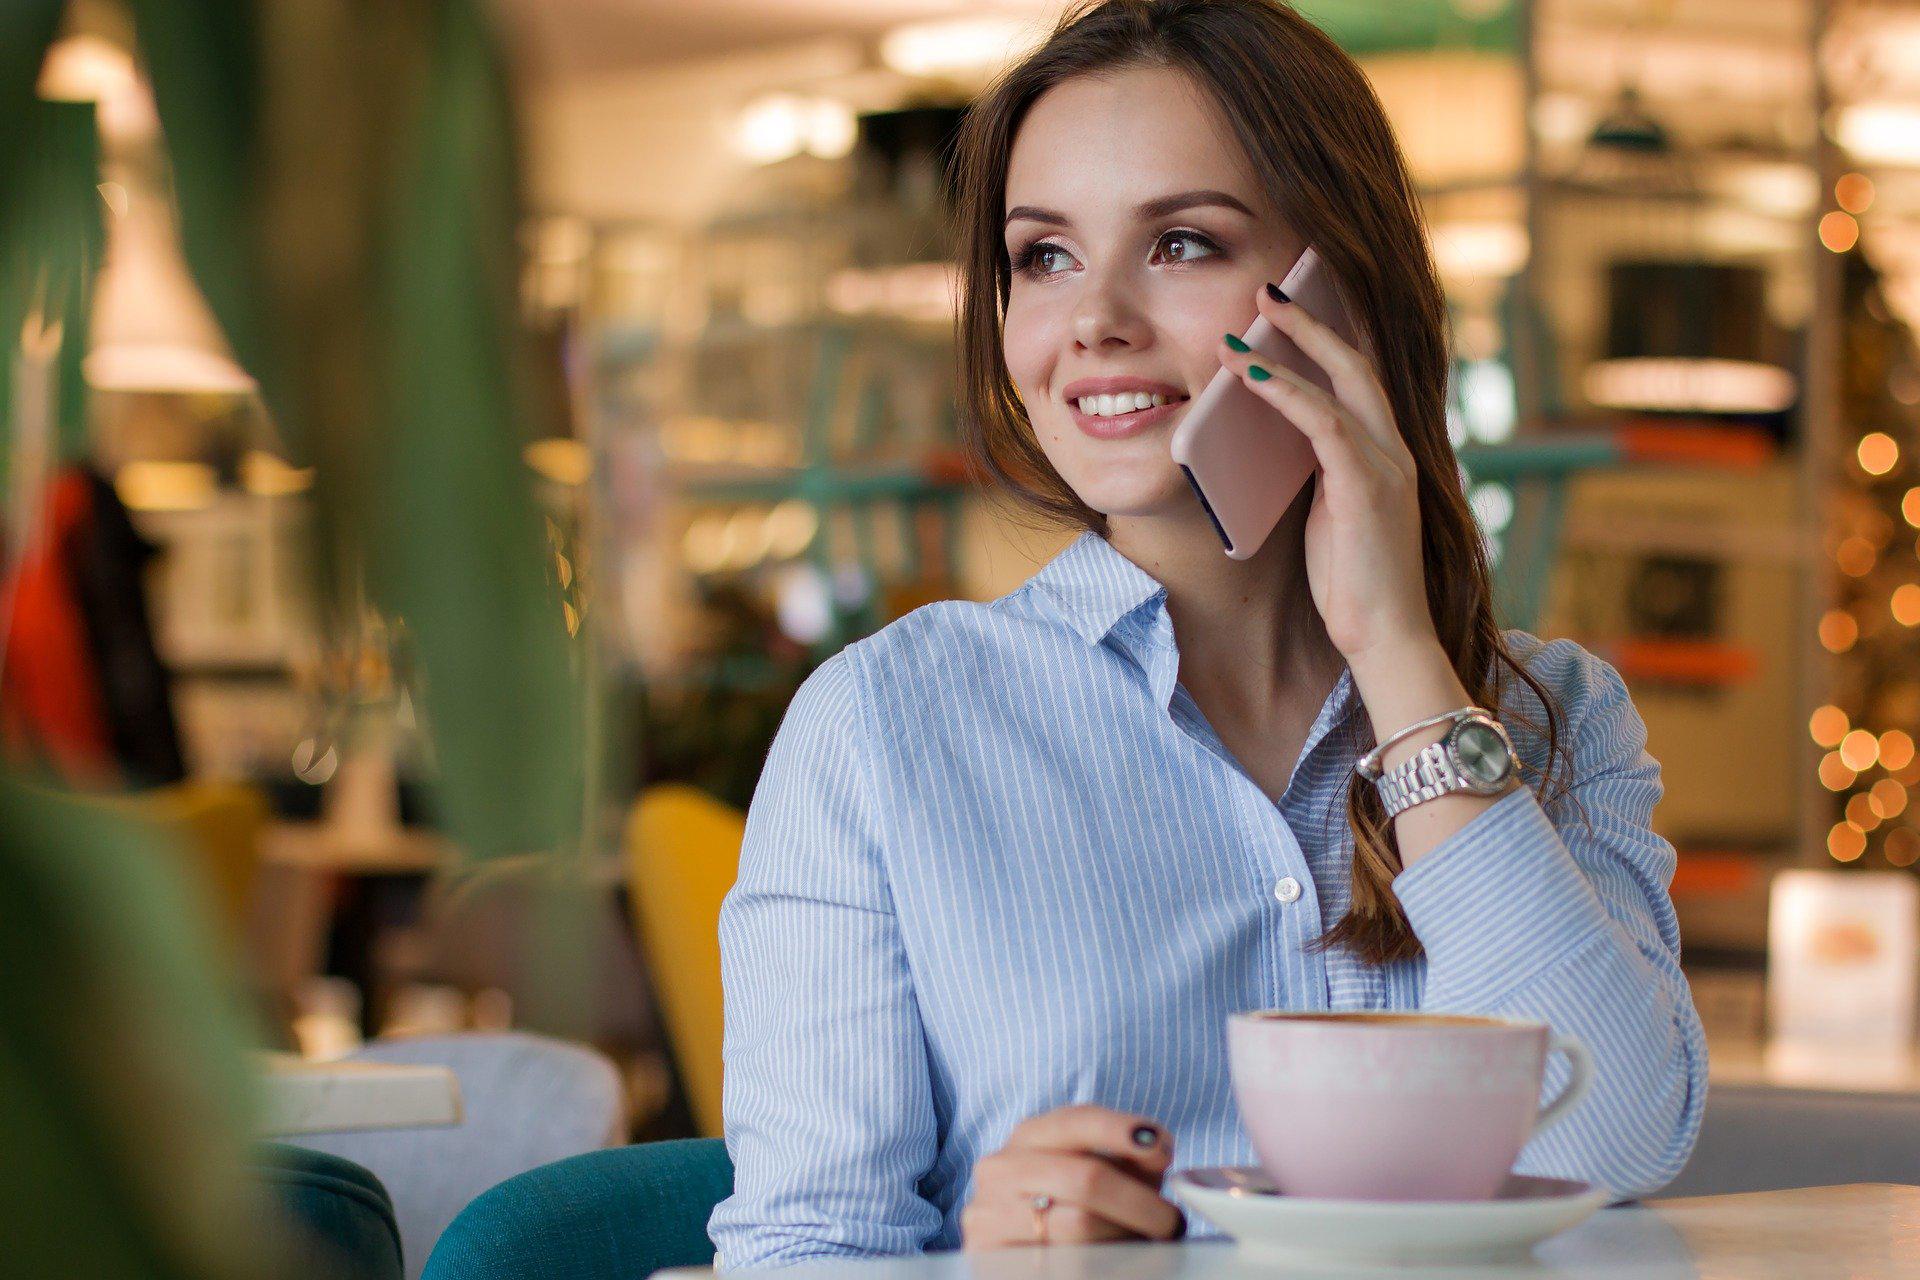 Сколько надо разговаривать по телефону, чтобы стать счастливее?